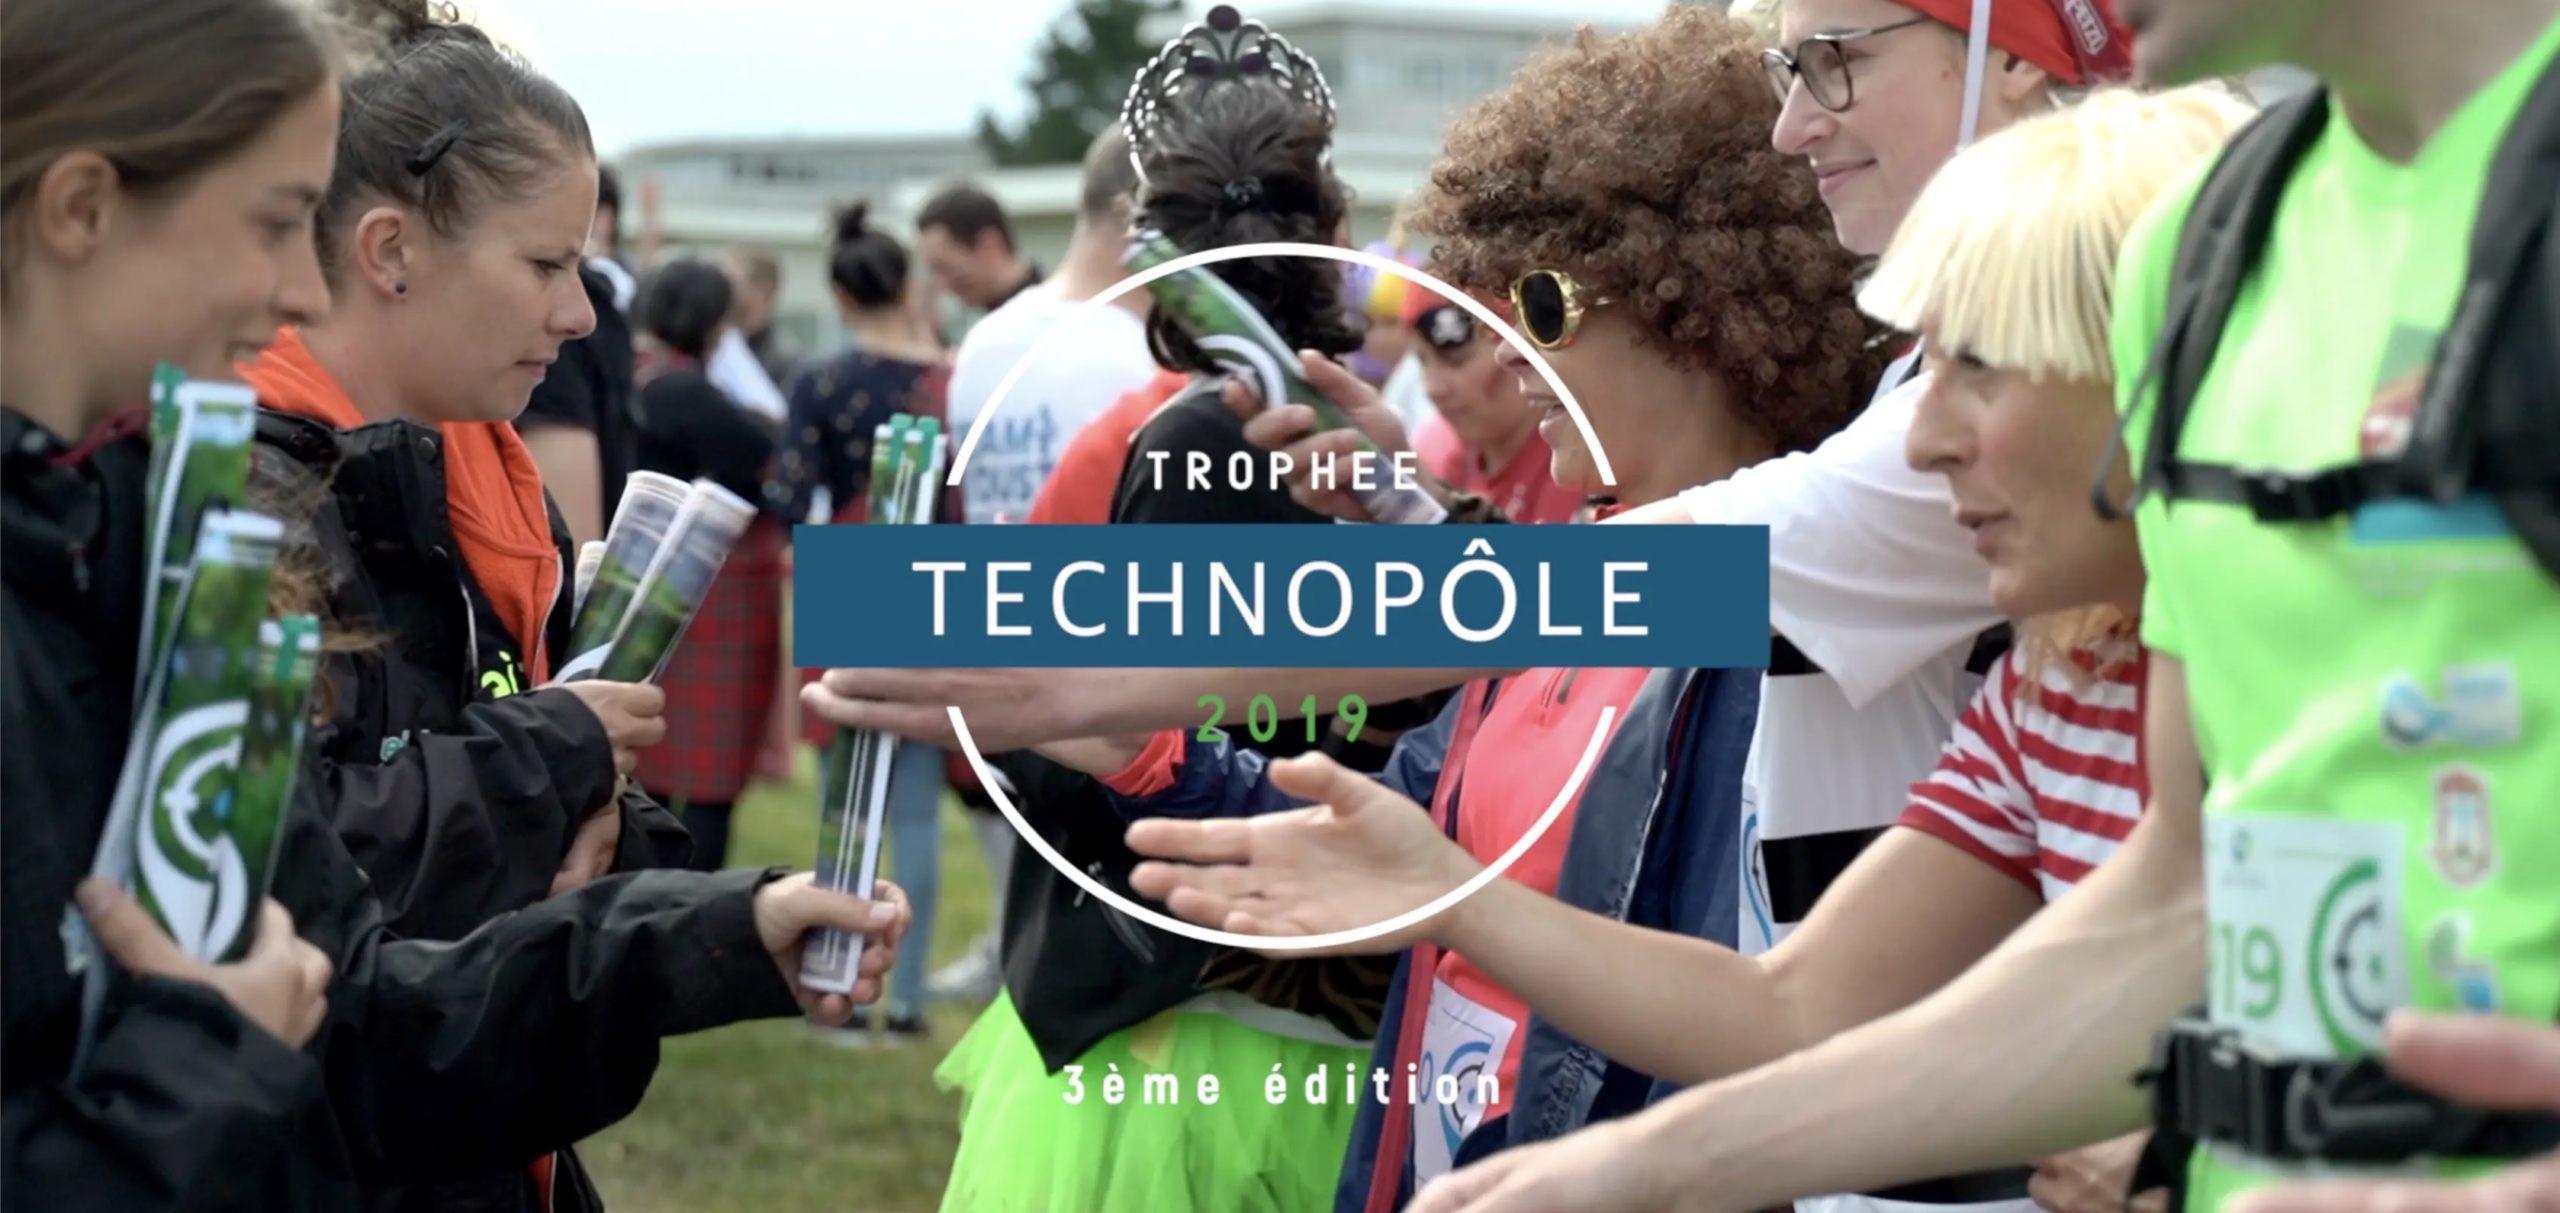 trophée du technopole brest 2010